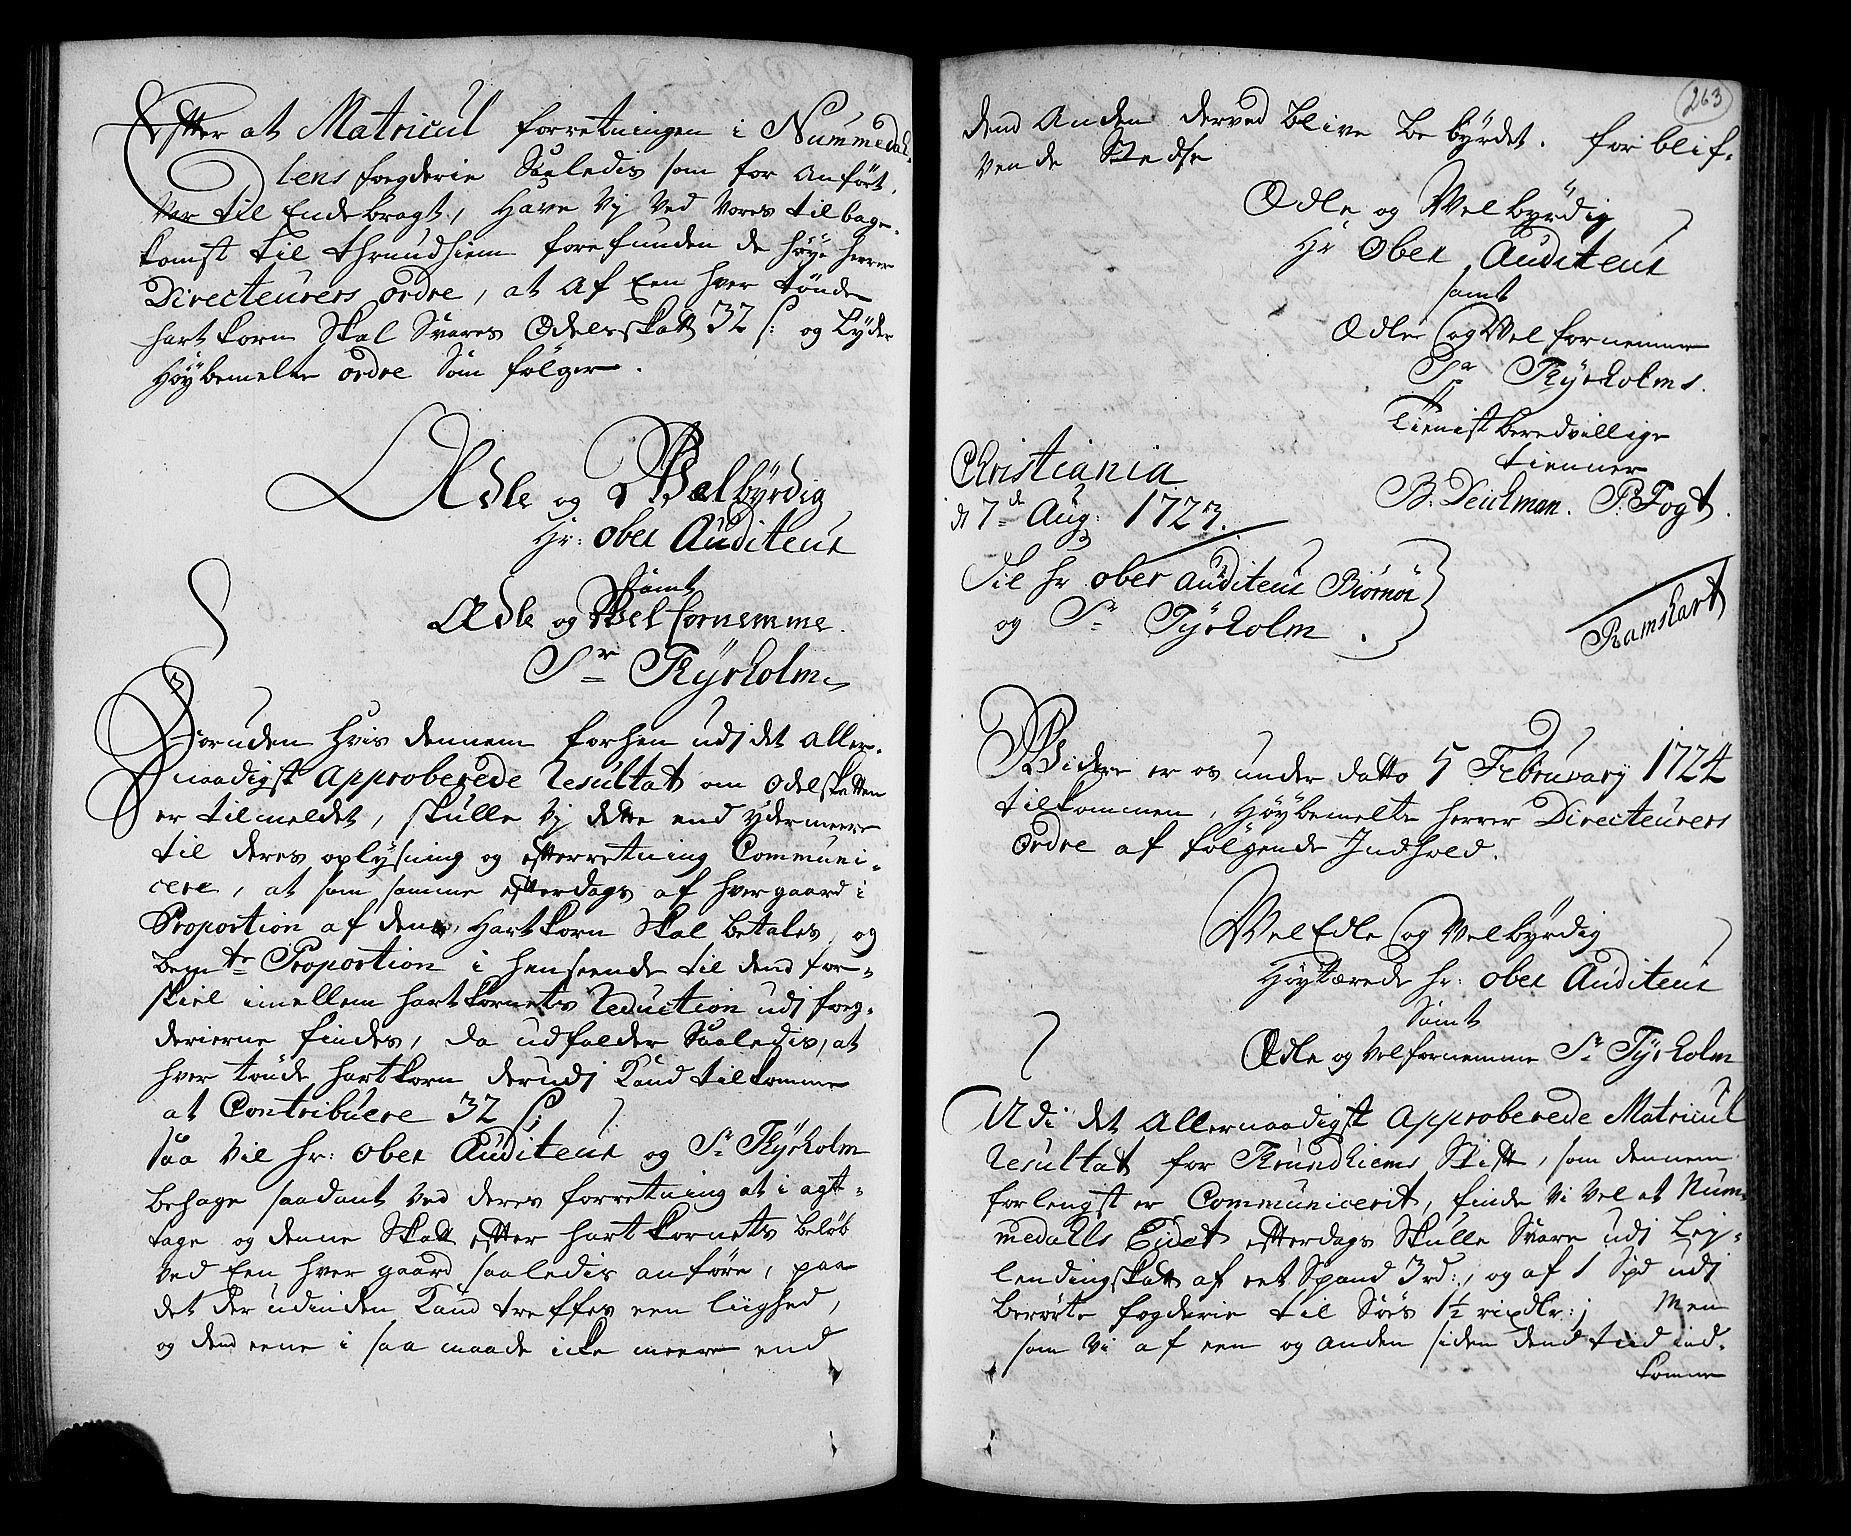 RA, Rentekammeret inntil 1814, Realistisk ordnet avdeling, N/Nb/Nbf/L0168: Namdalen eksaminasjonsprotokoll, 1723, s. 262b-263a